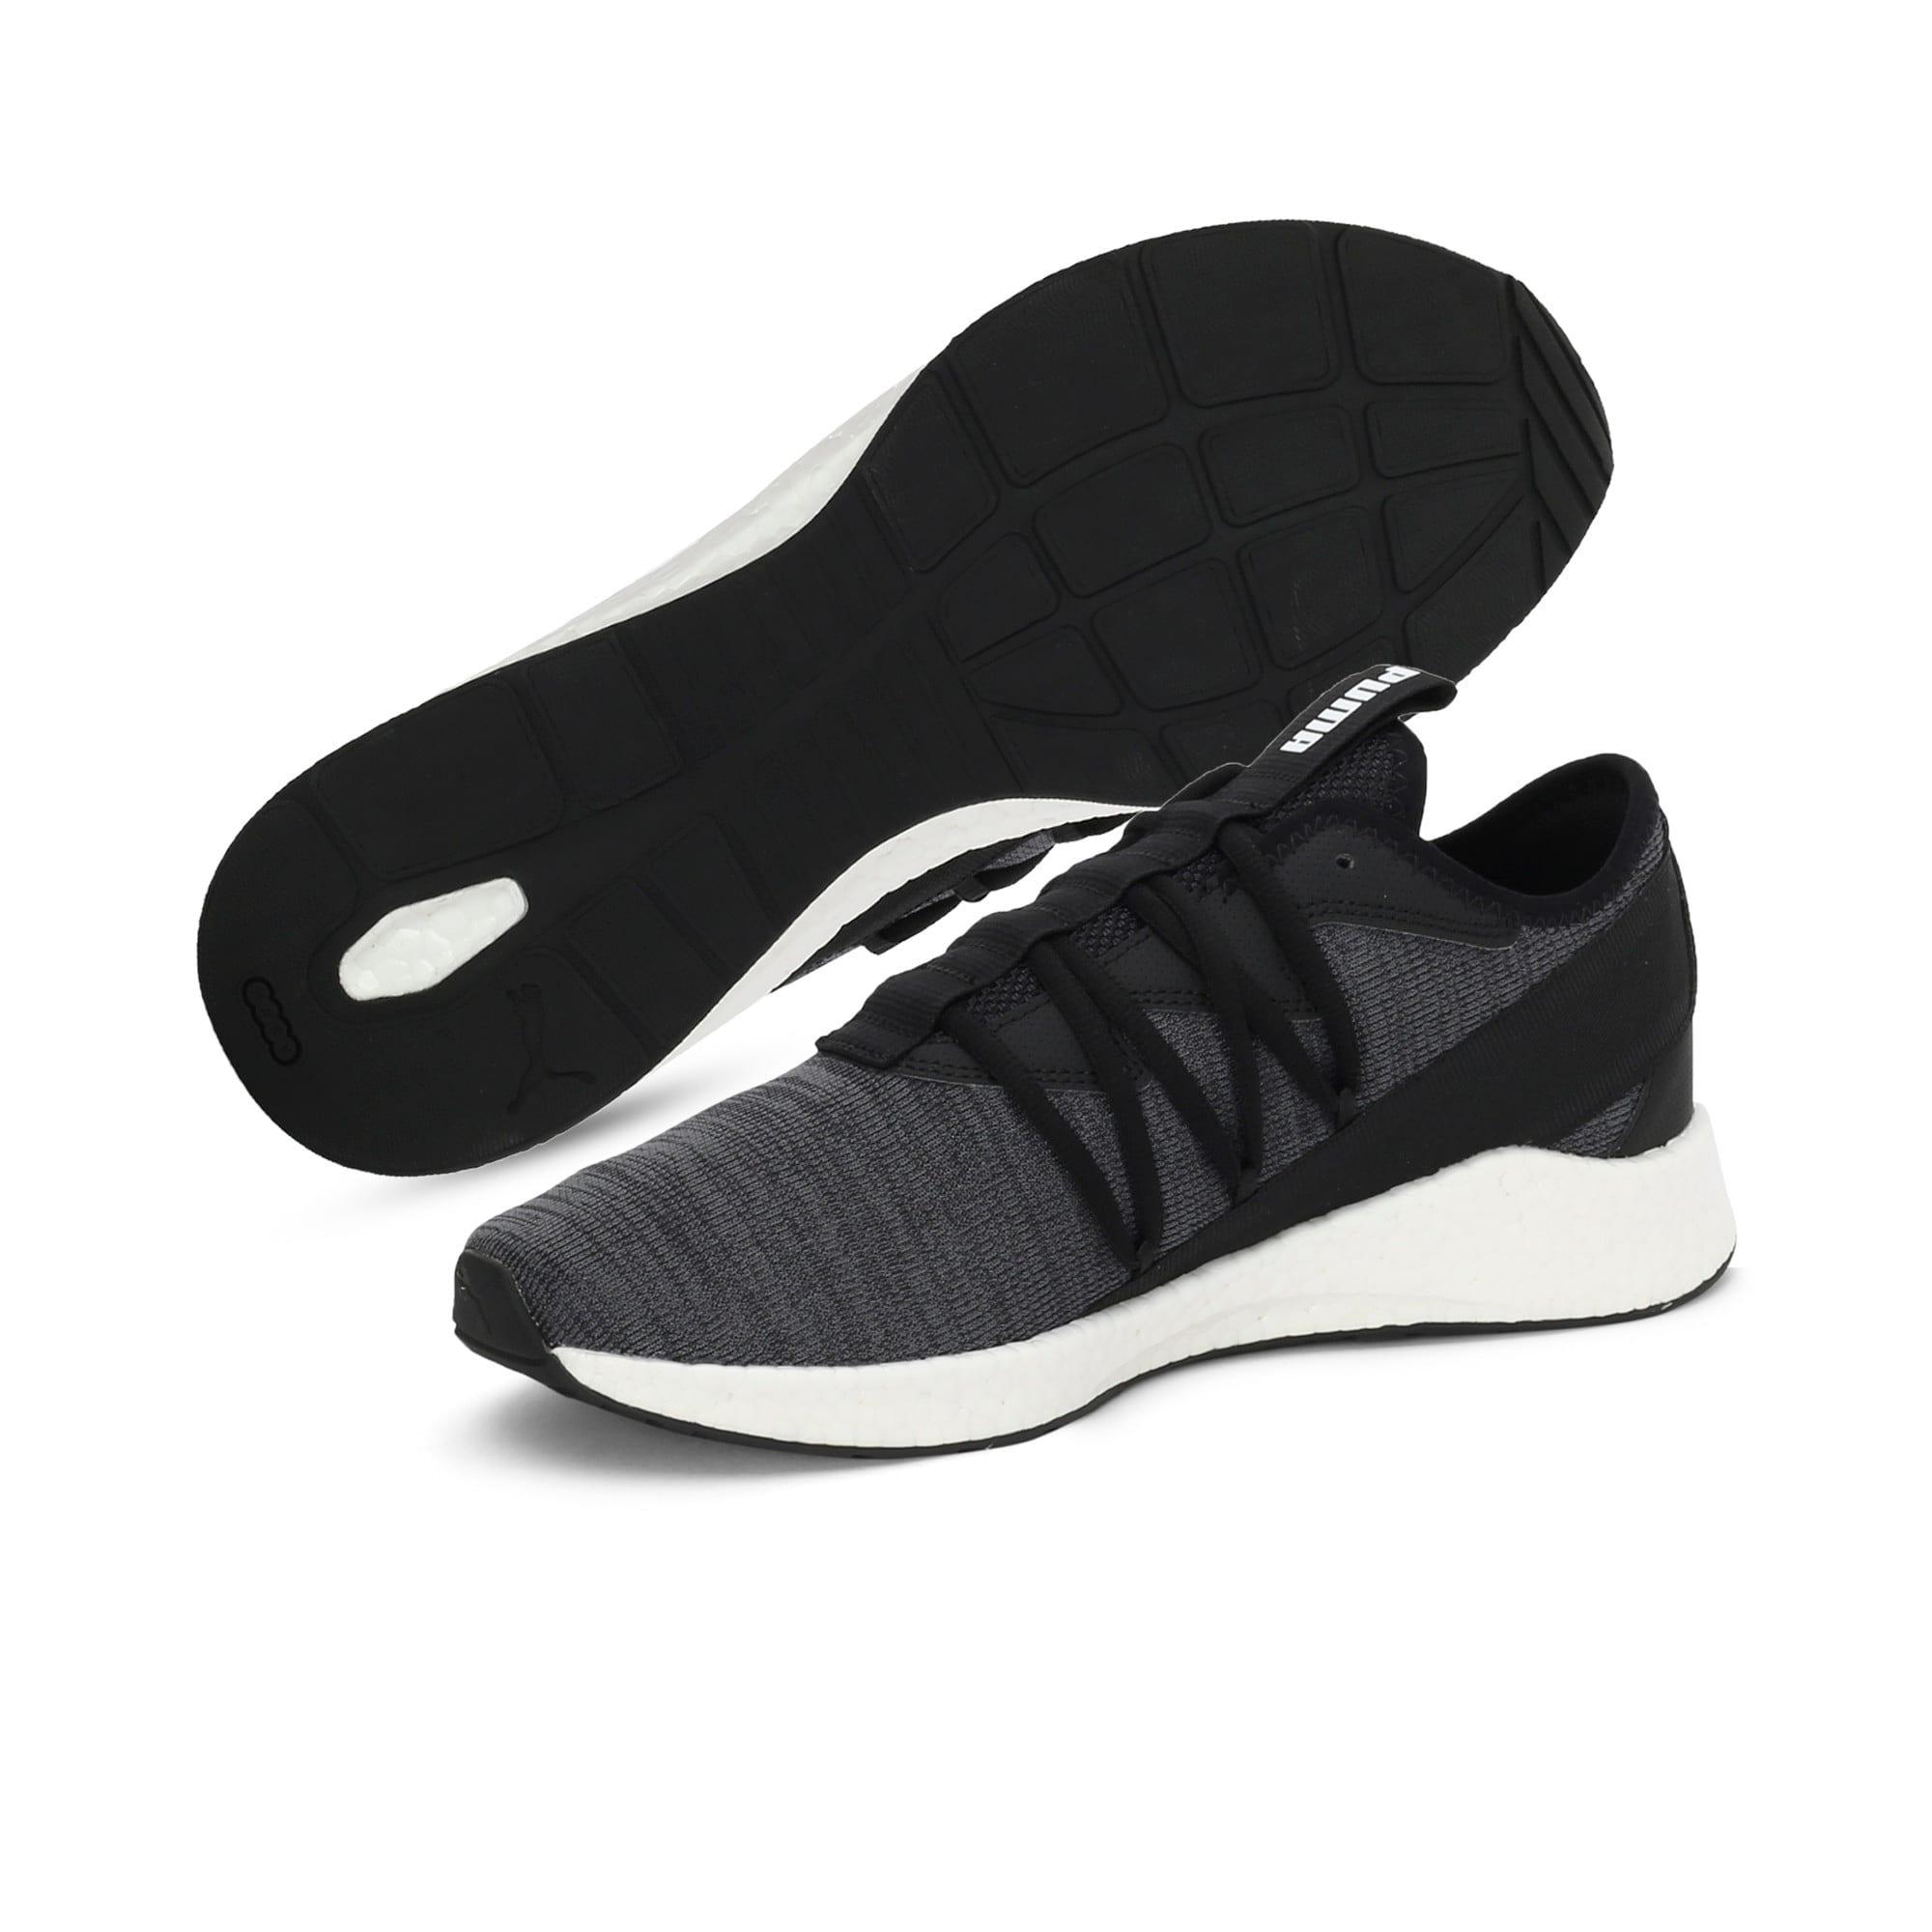 Thumbnail 2 of NRGY Star Knit one8 Unisex Running Shoes, Puma Black-Puma White, medium-IND